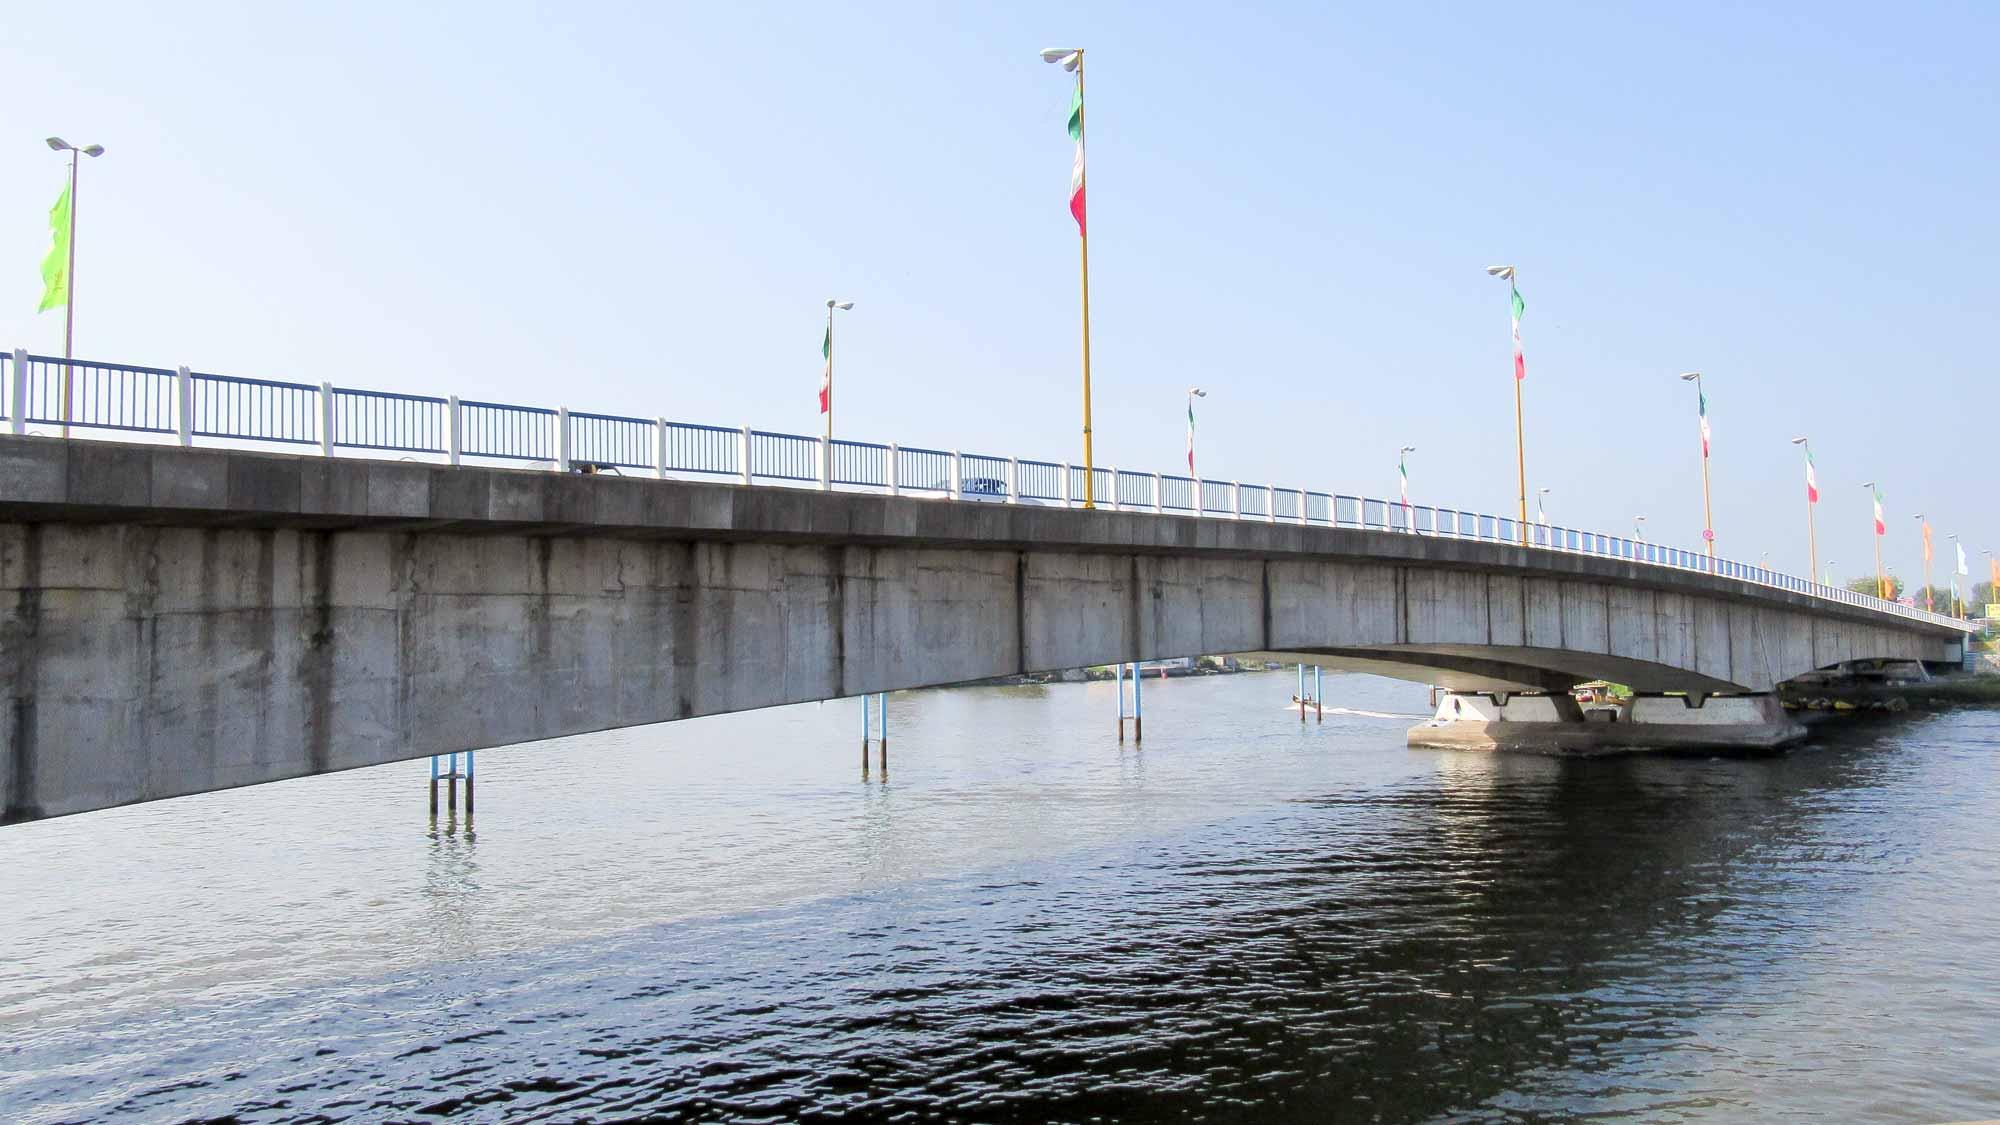 پل های بندر انزلی